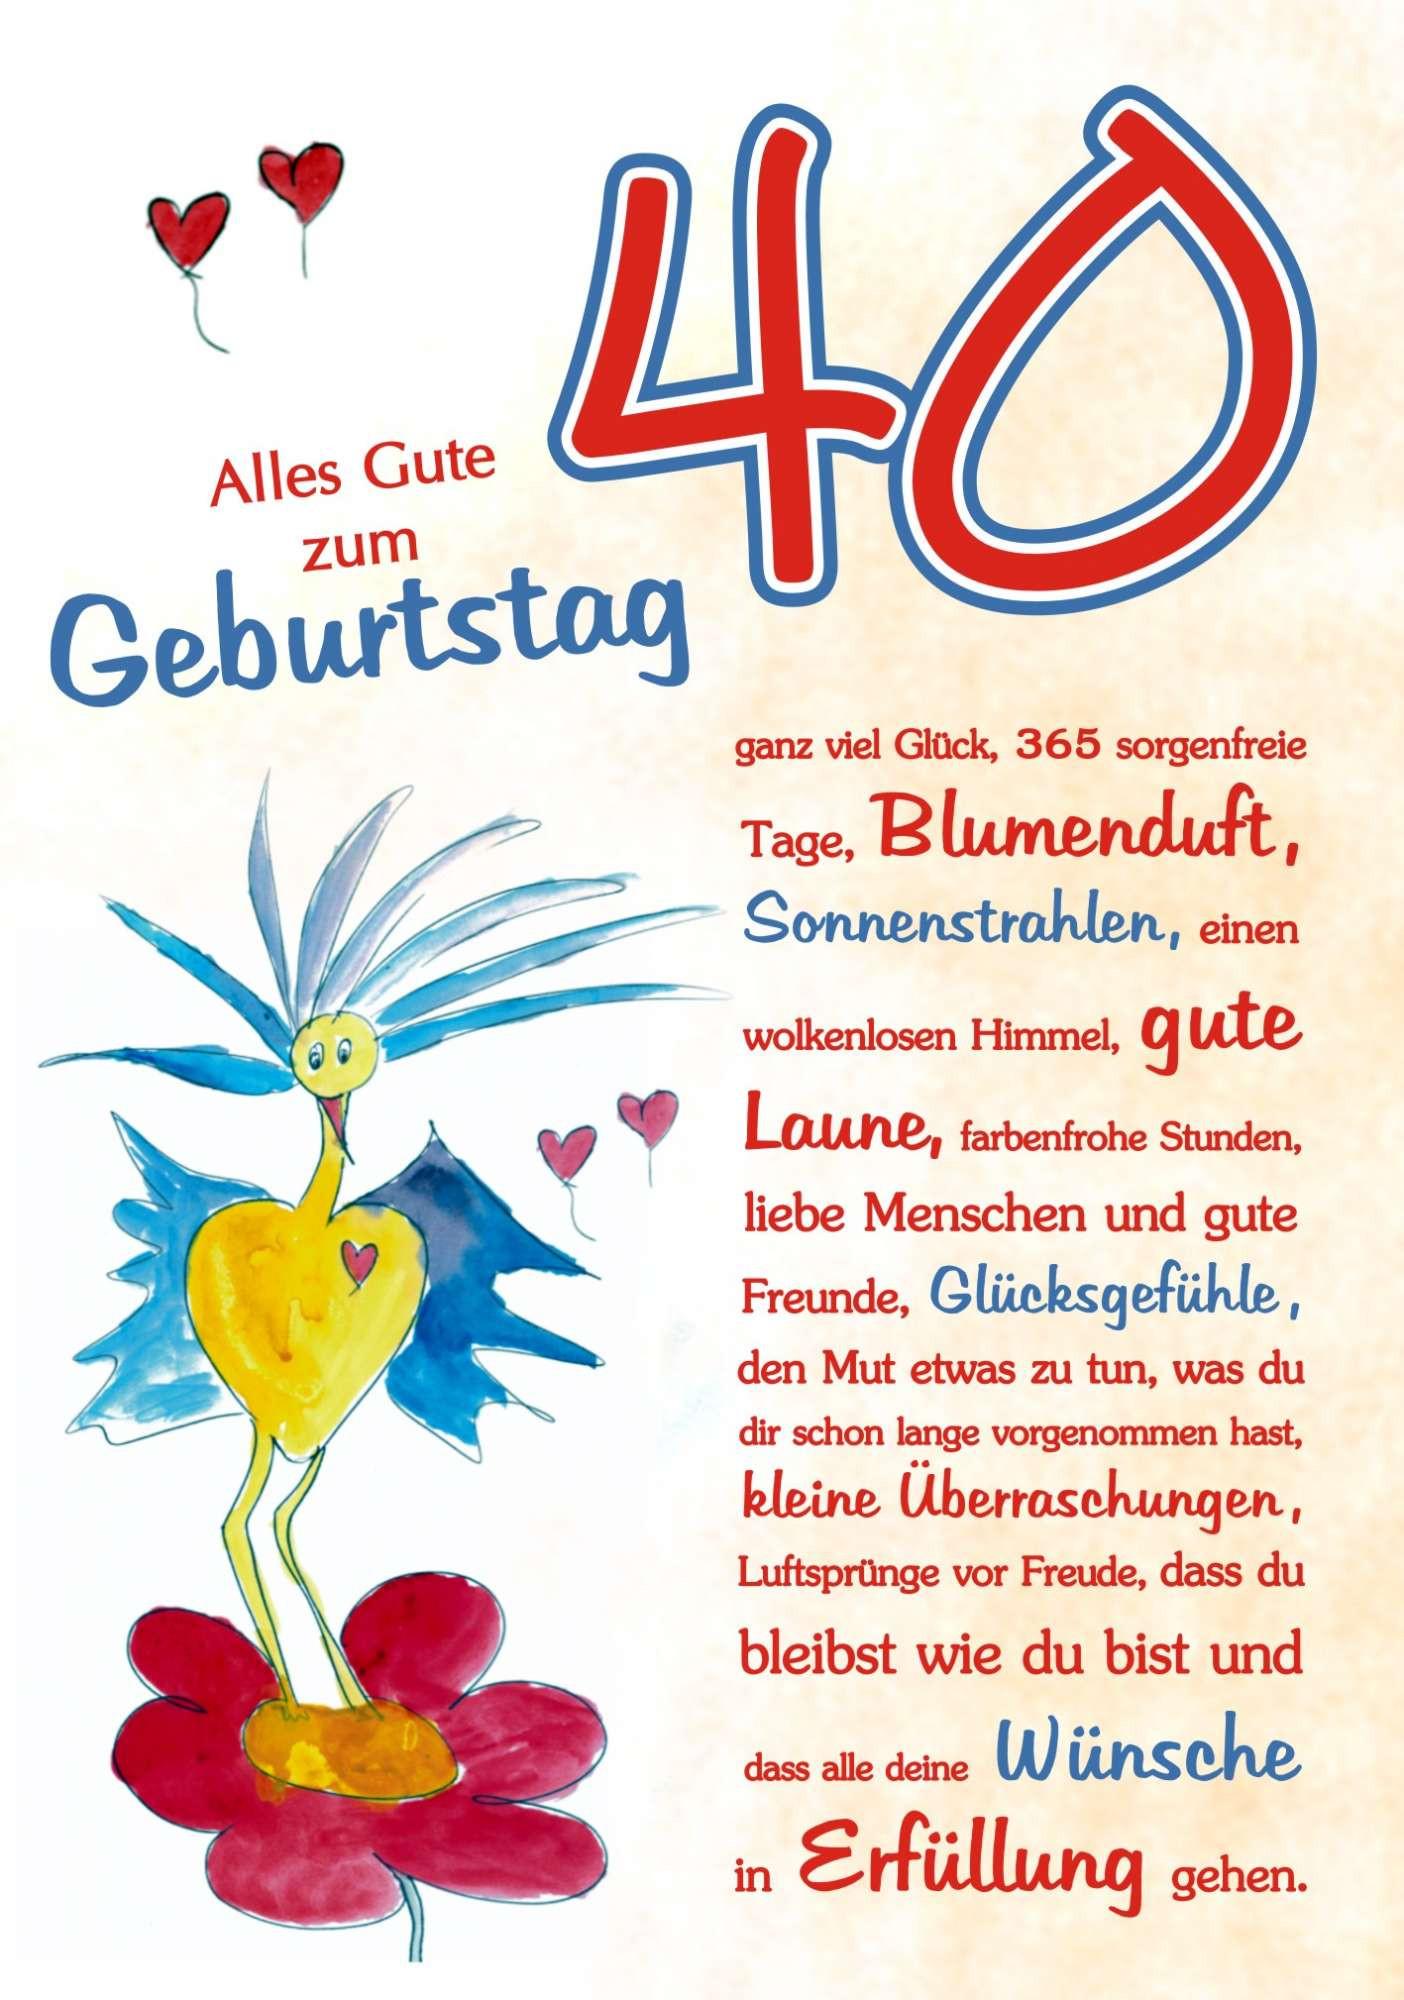 Geburtstagswünsche Zum 40 Geburtstag Mann  40 Geburtstag RSC Karten